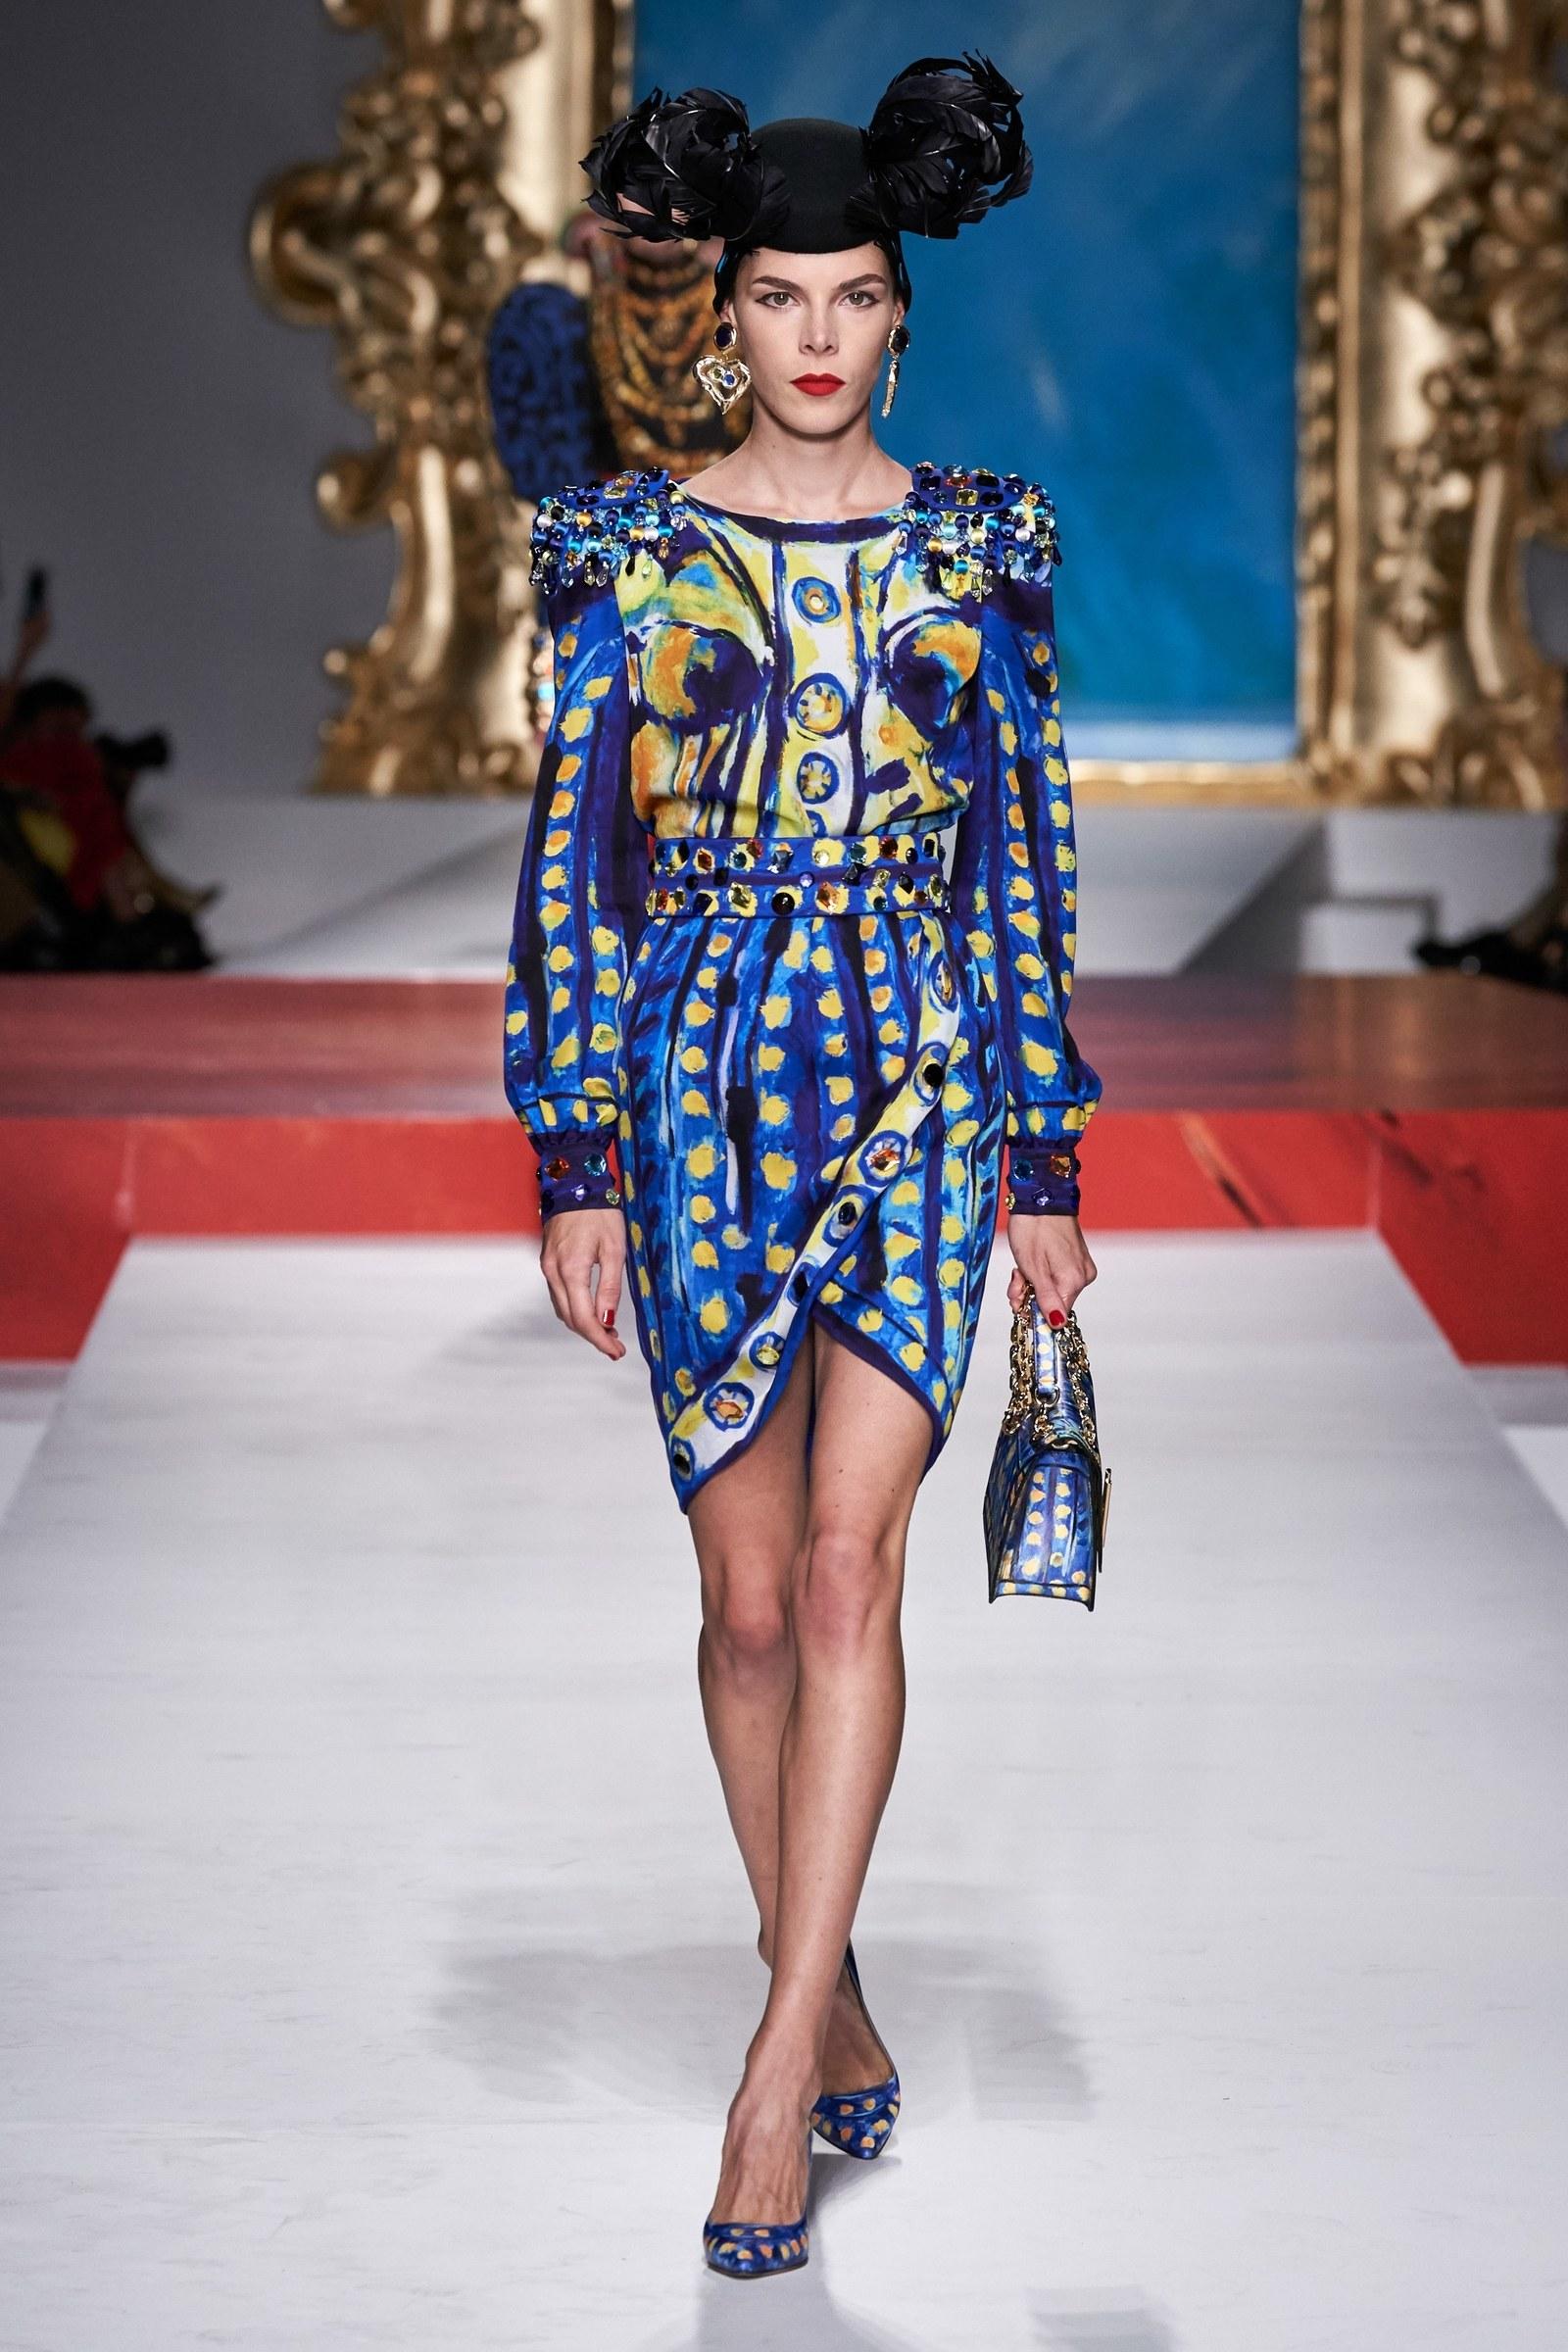 Đầm họa tiết nghệ thuật Classic Blue của Moschino